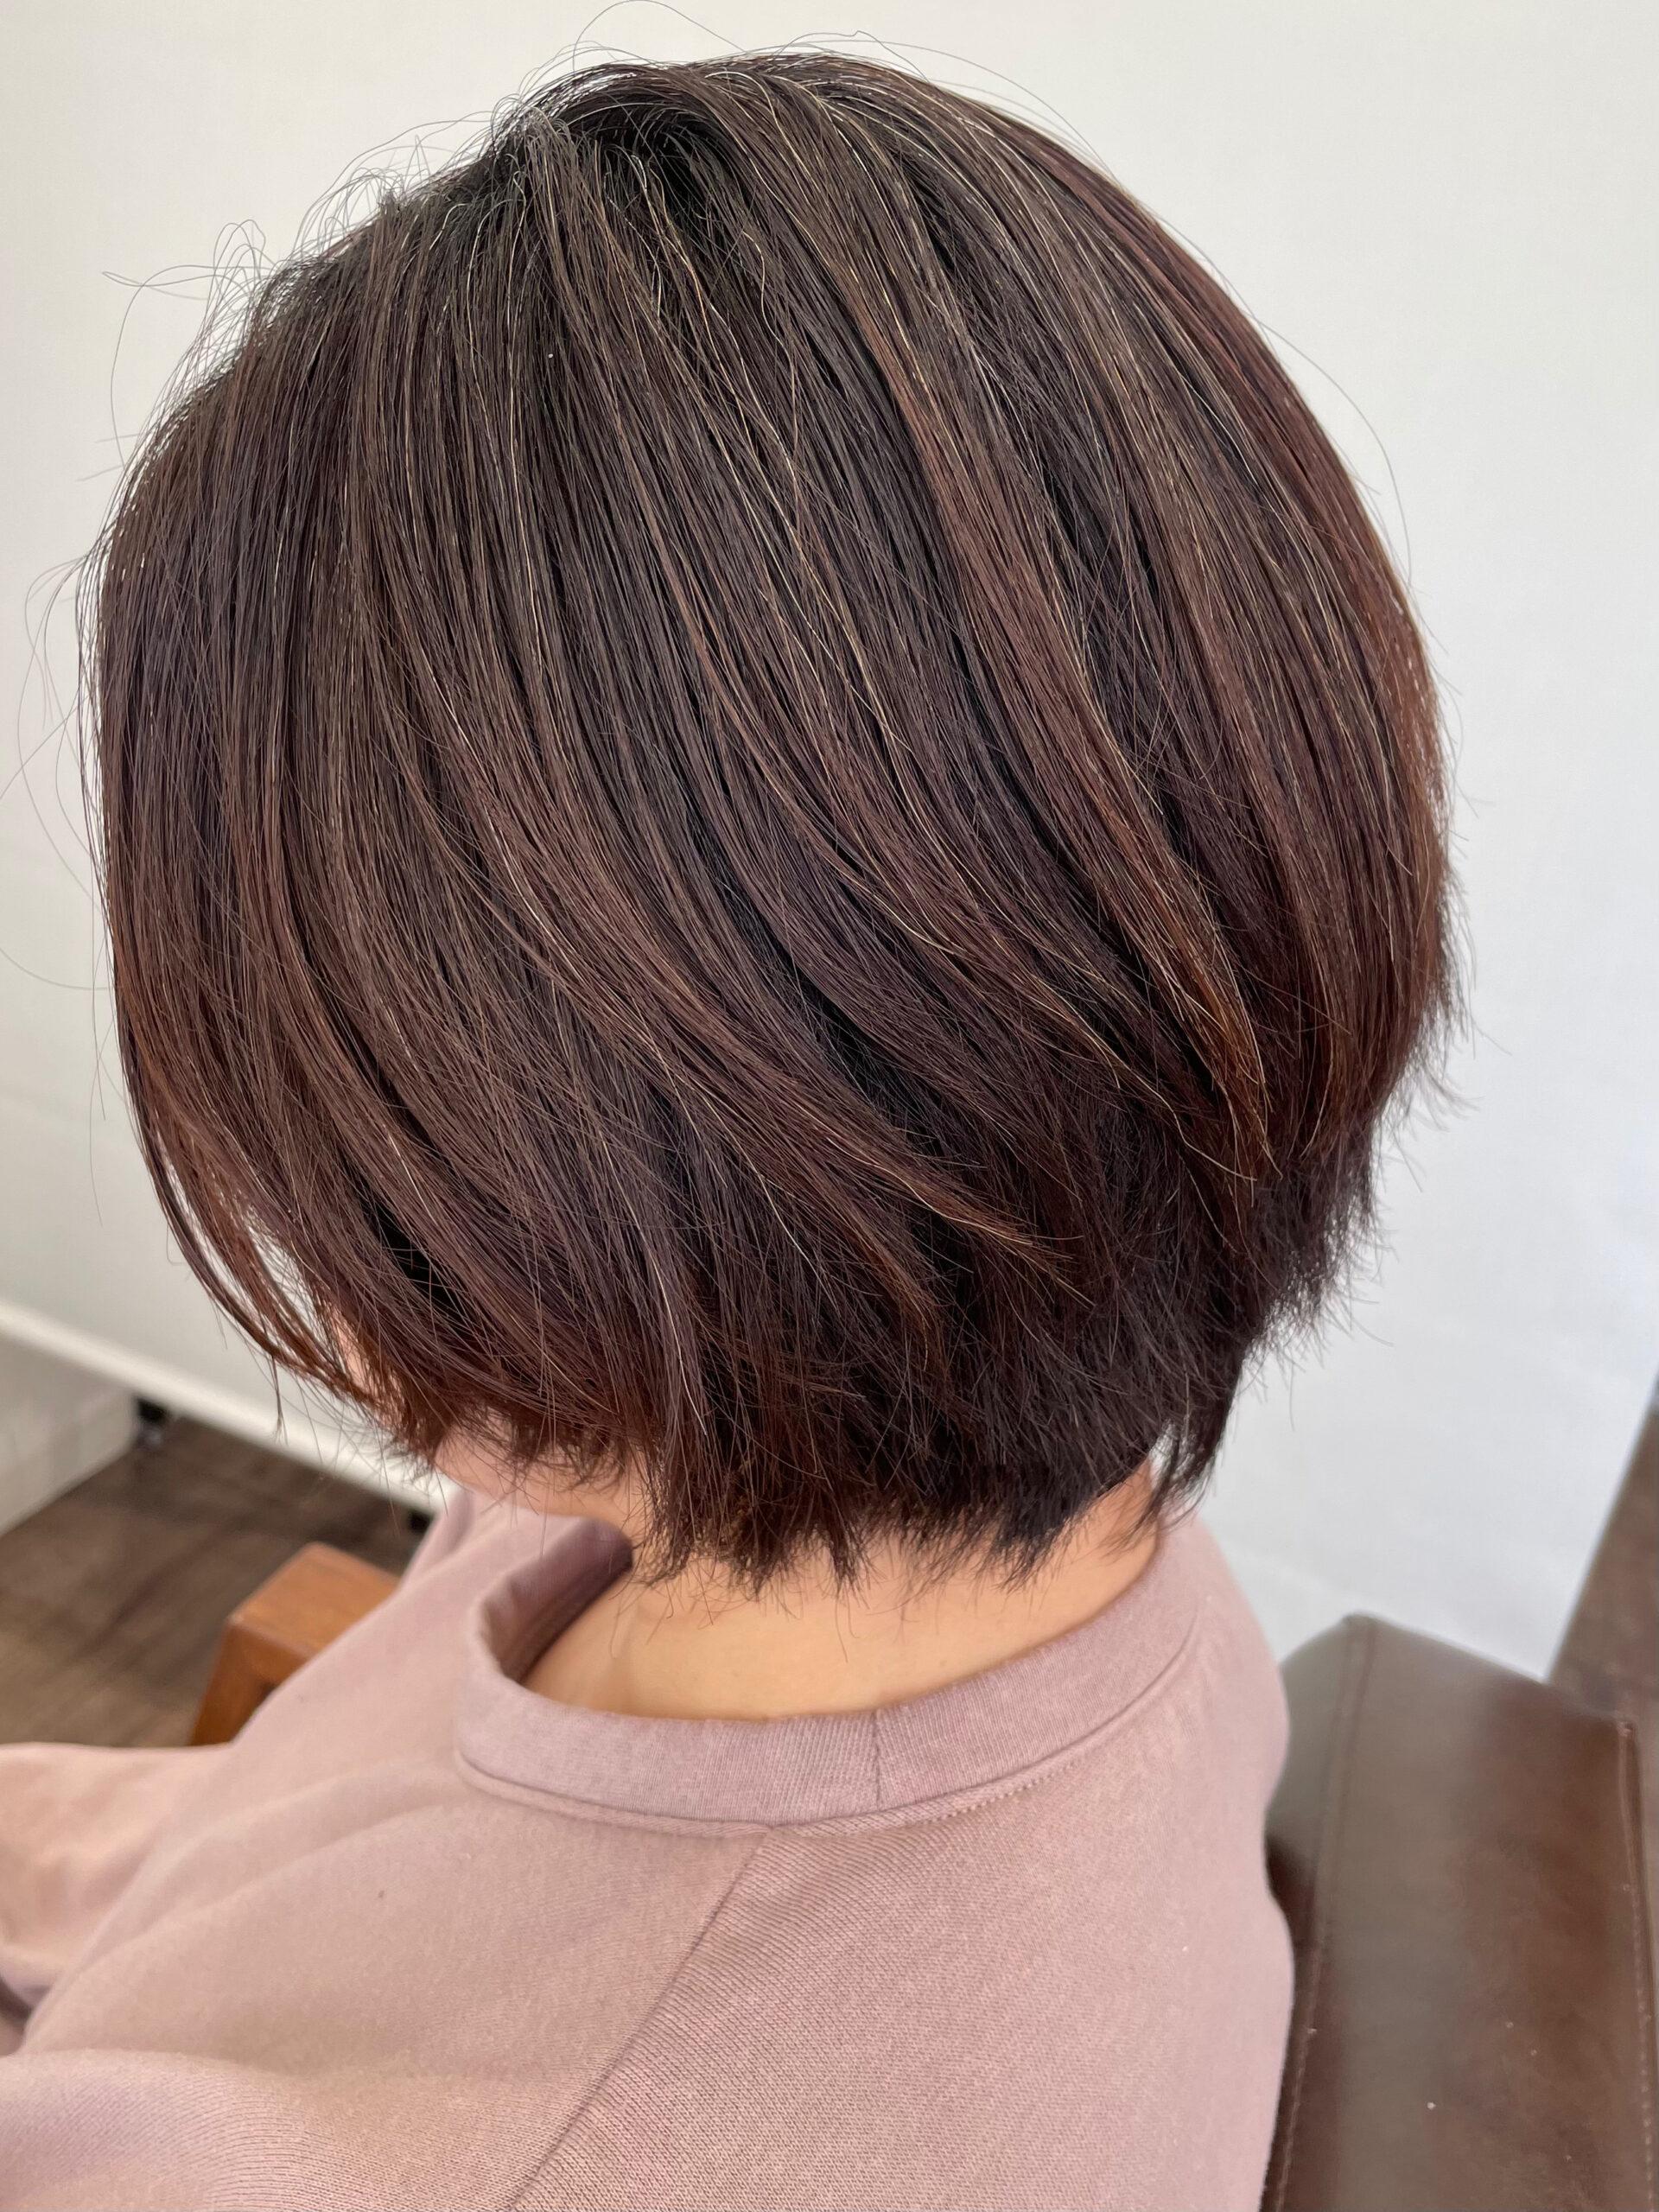 大分県別府市 くせ毛でボリュームが出る髪の毛も質感調整でボリュームダウンのショートカット ビフォー